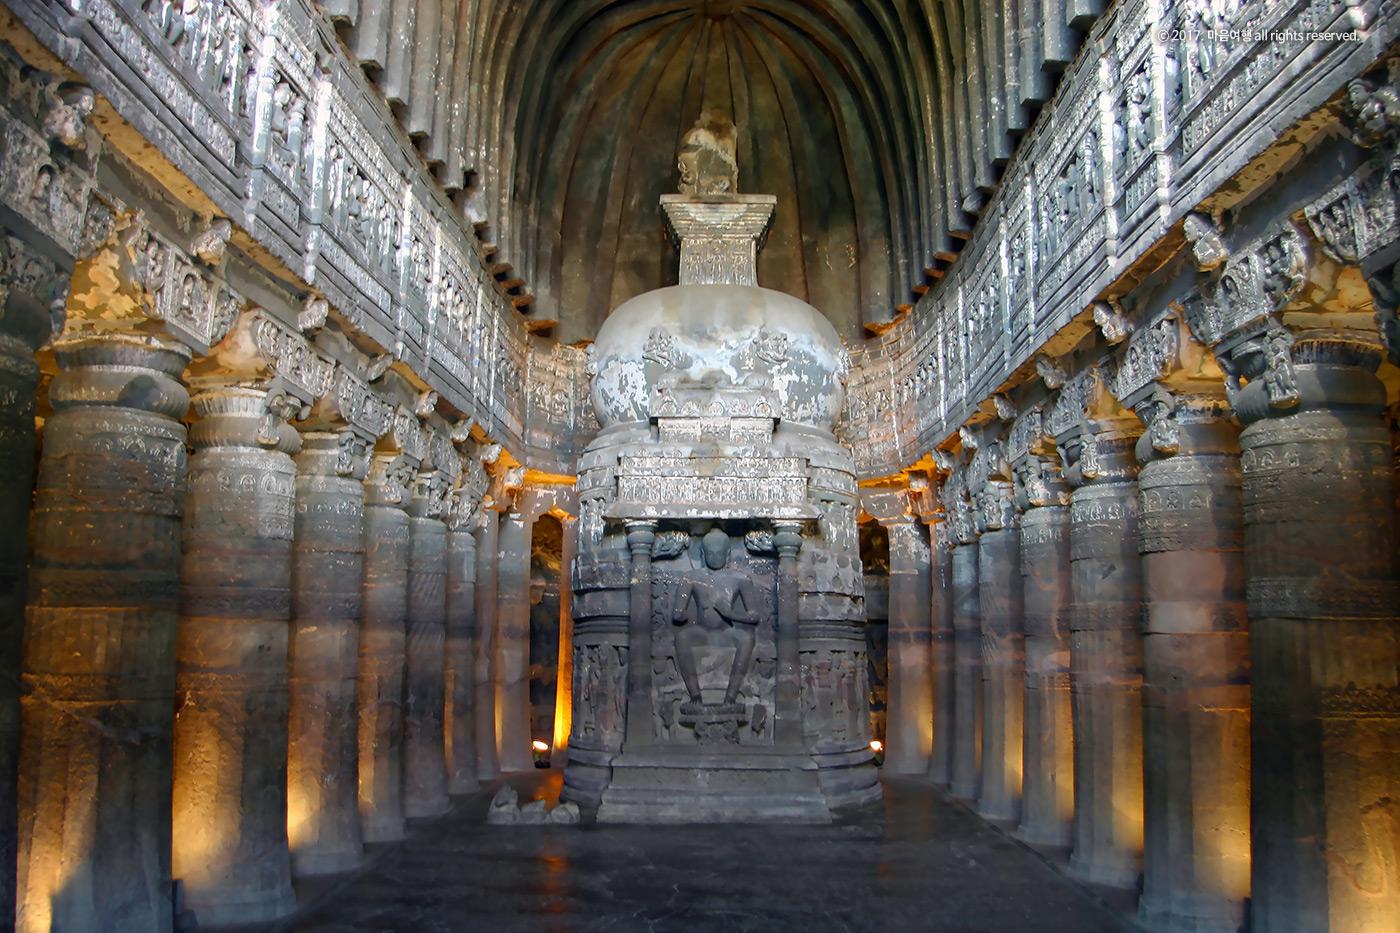 불교미술의 보고 - 아잔타 석굴 사원